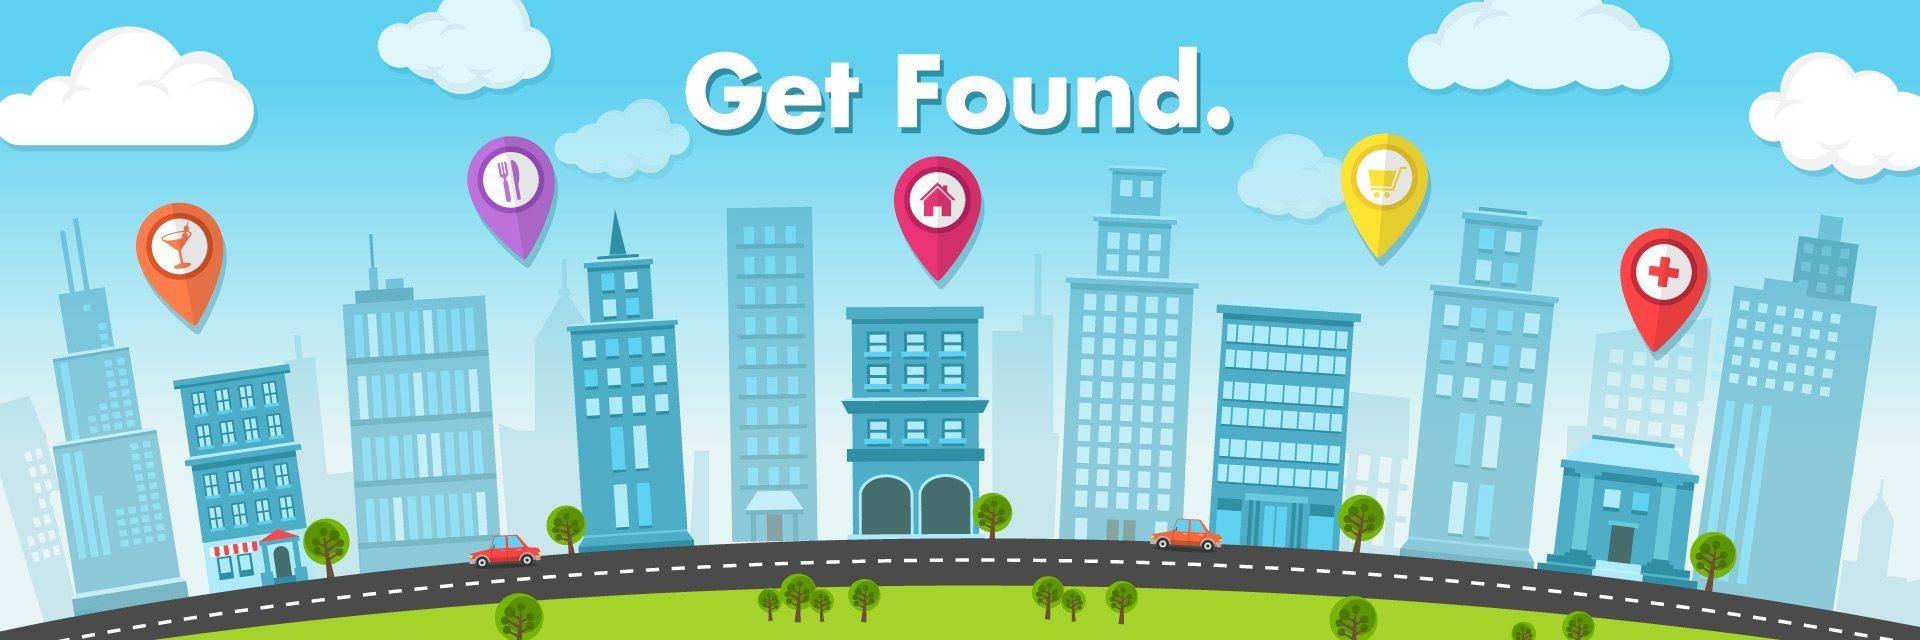 get_found-1